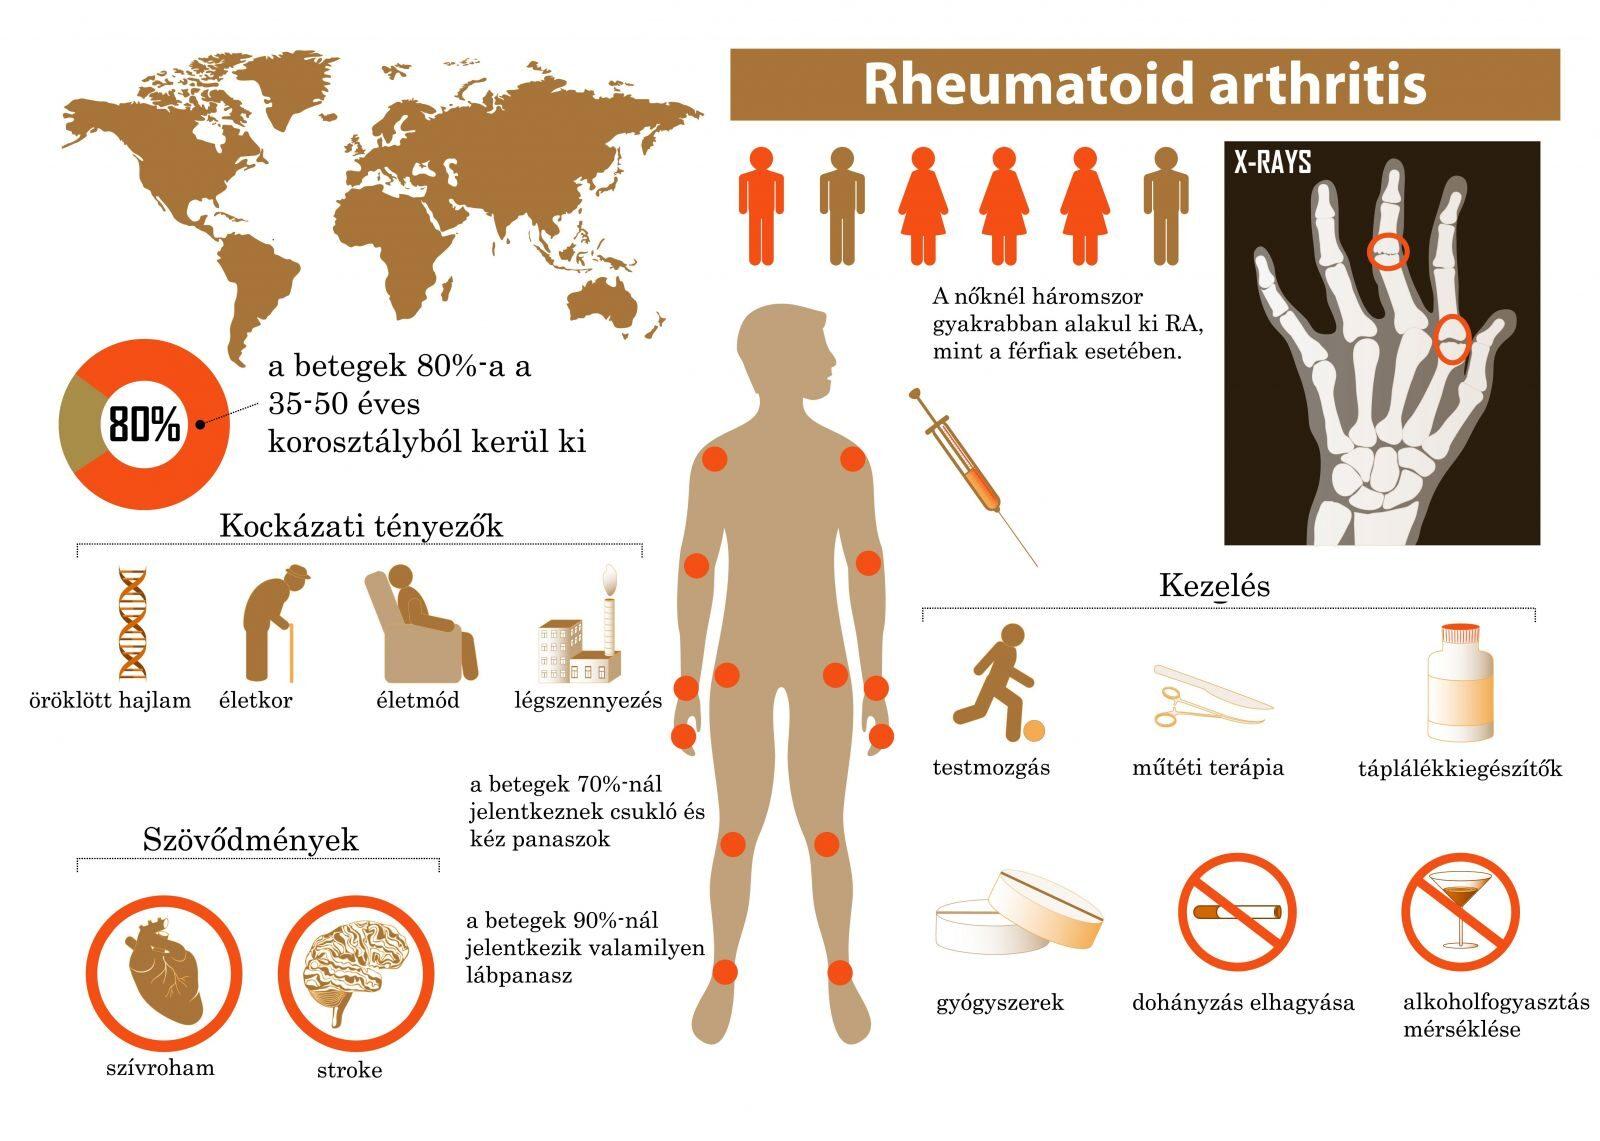 ízületi betegségek és e kezelés az ízületek és a karok fájnak és ropognak